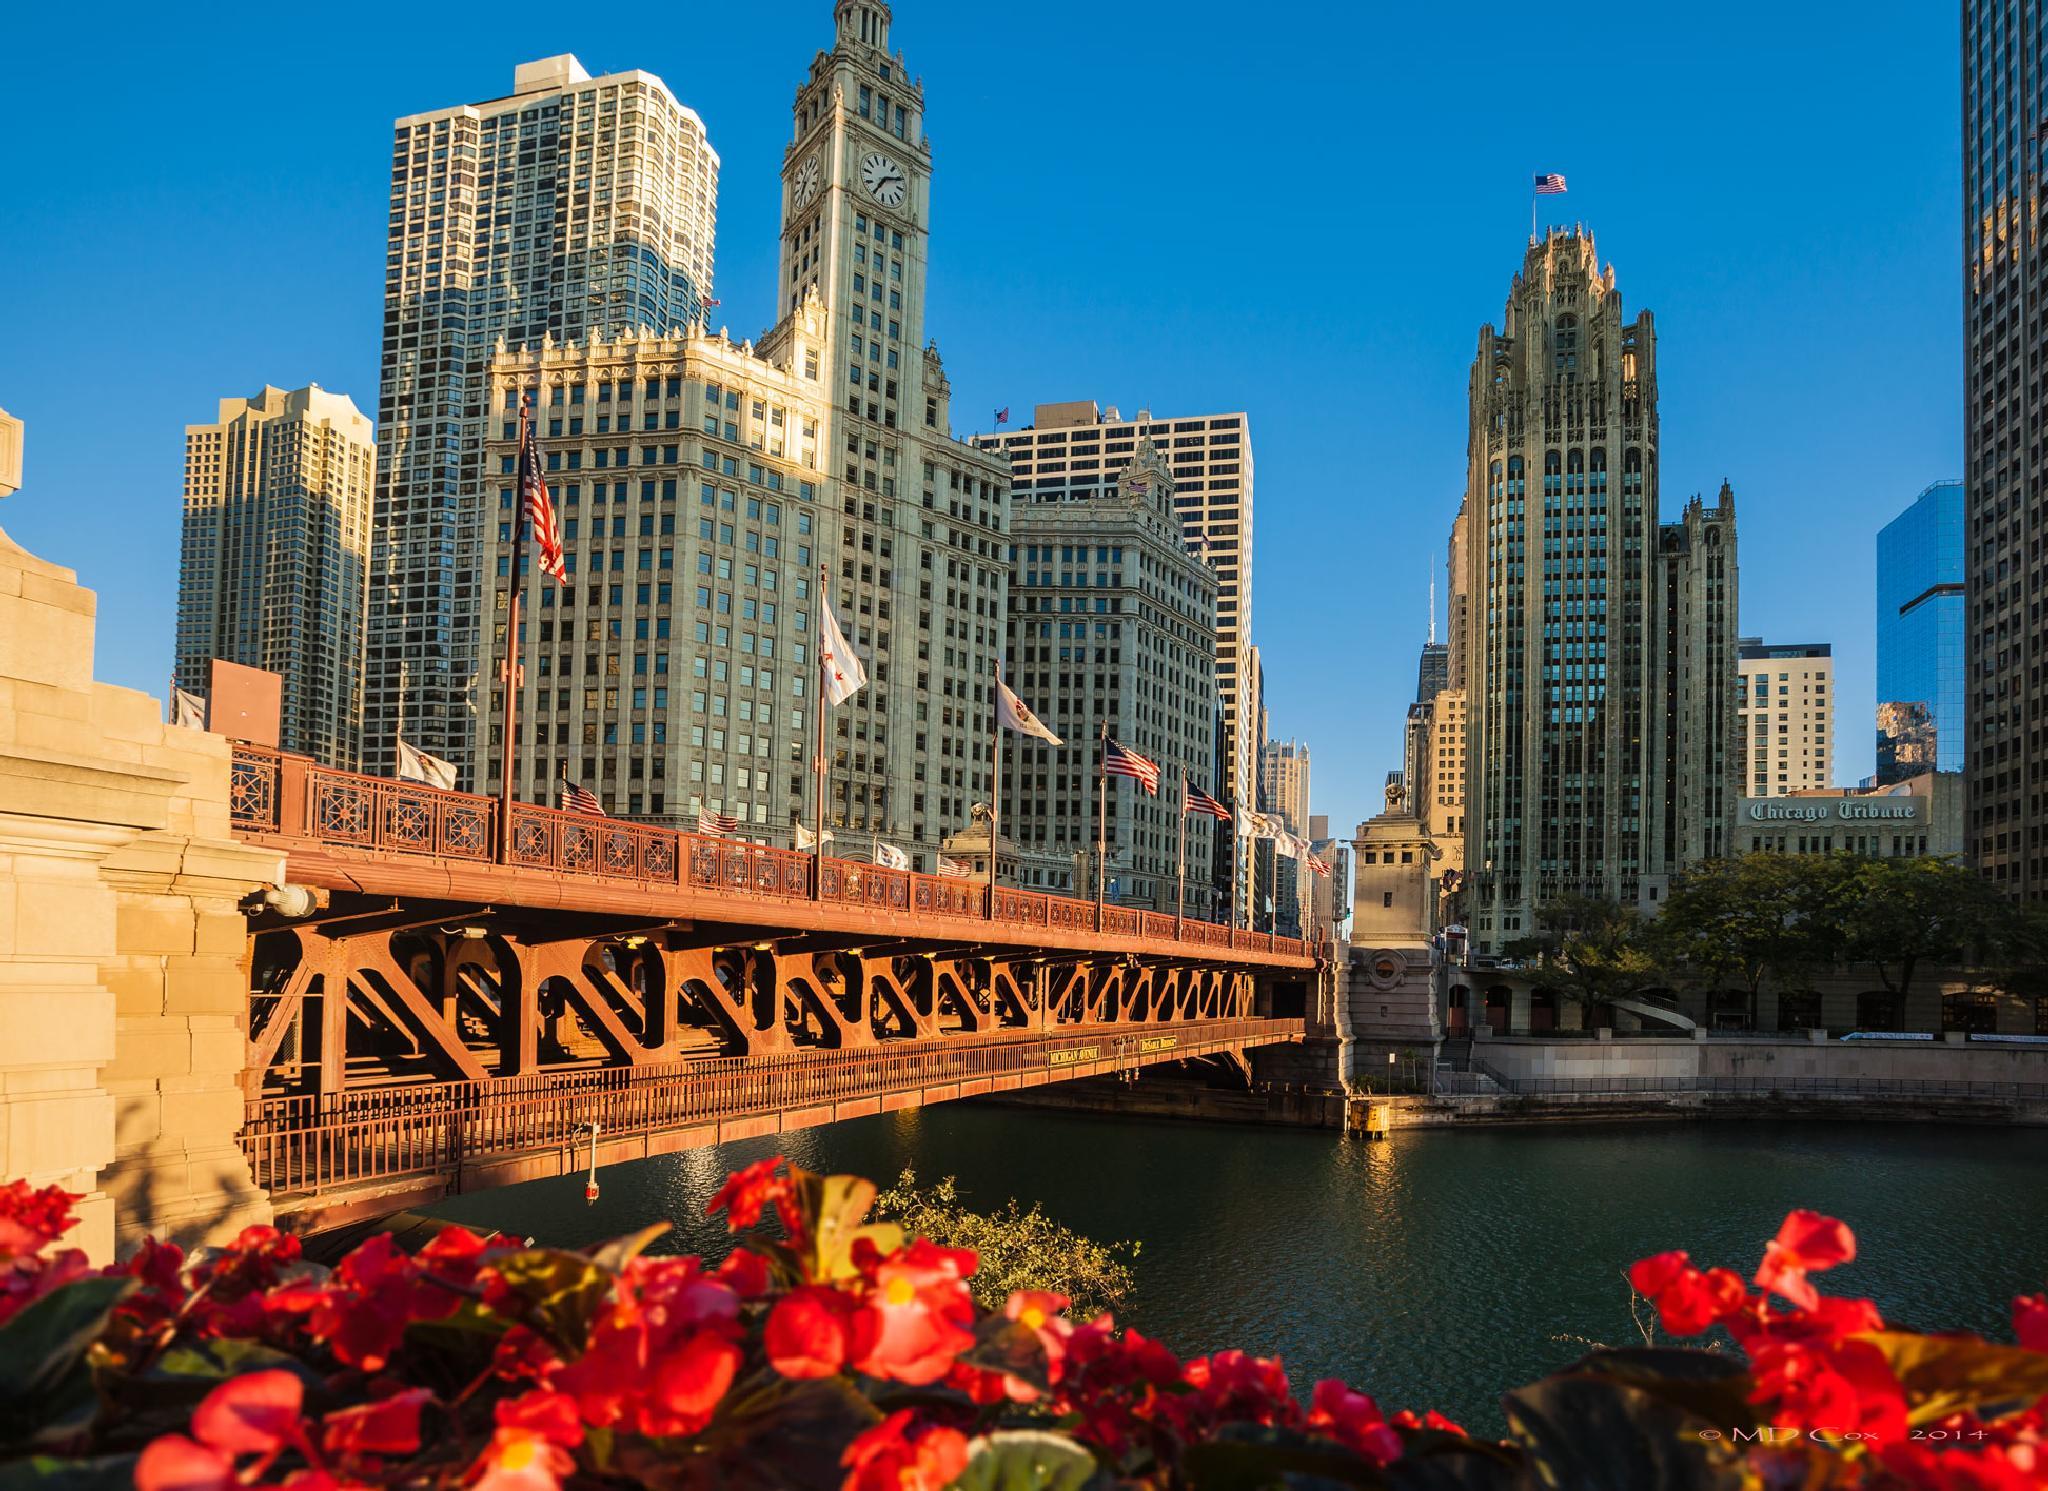 Michigan Avenue Bridge by Michael Cox